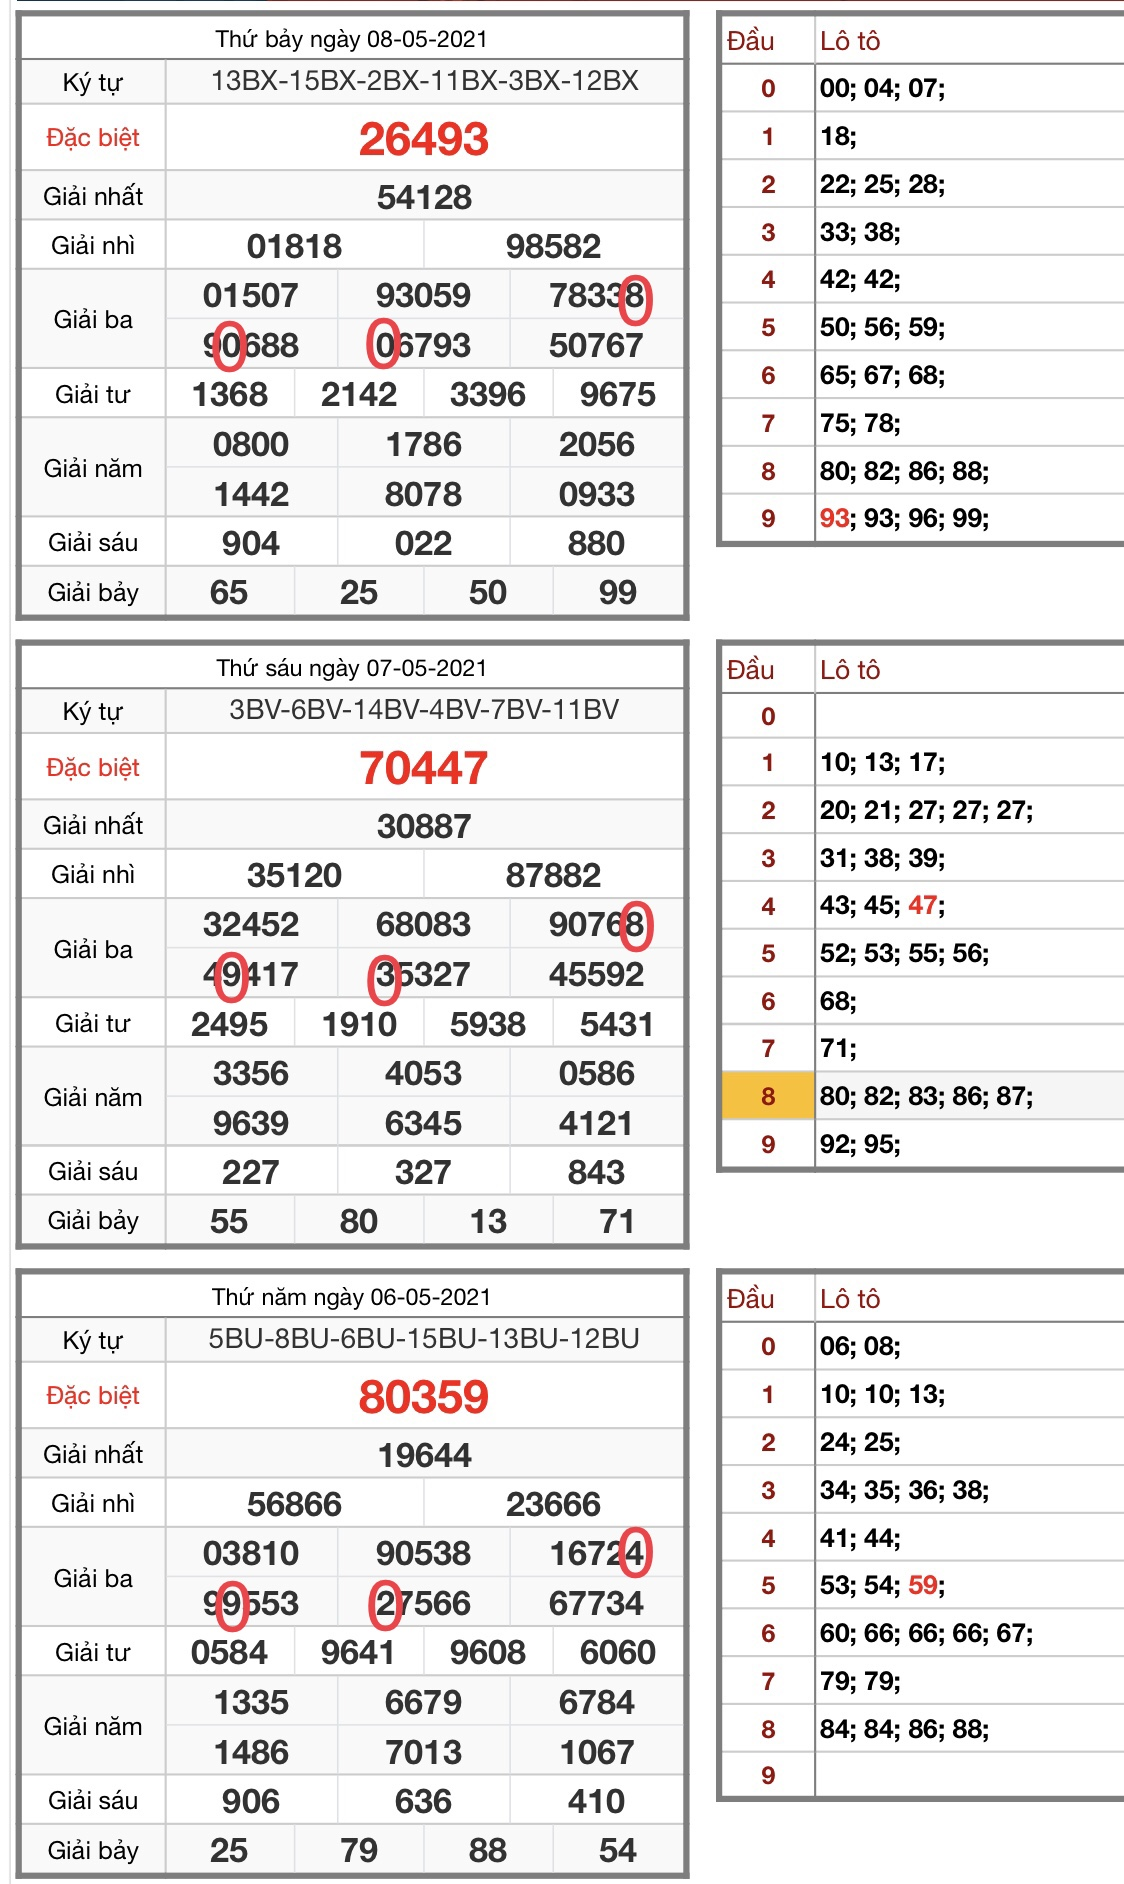 767A40D5-5D0C-4C86-B80C-57D527F051DE.jpeg